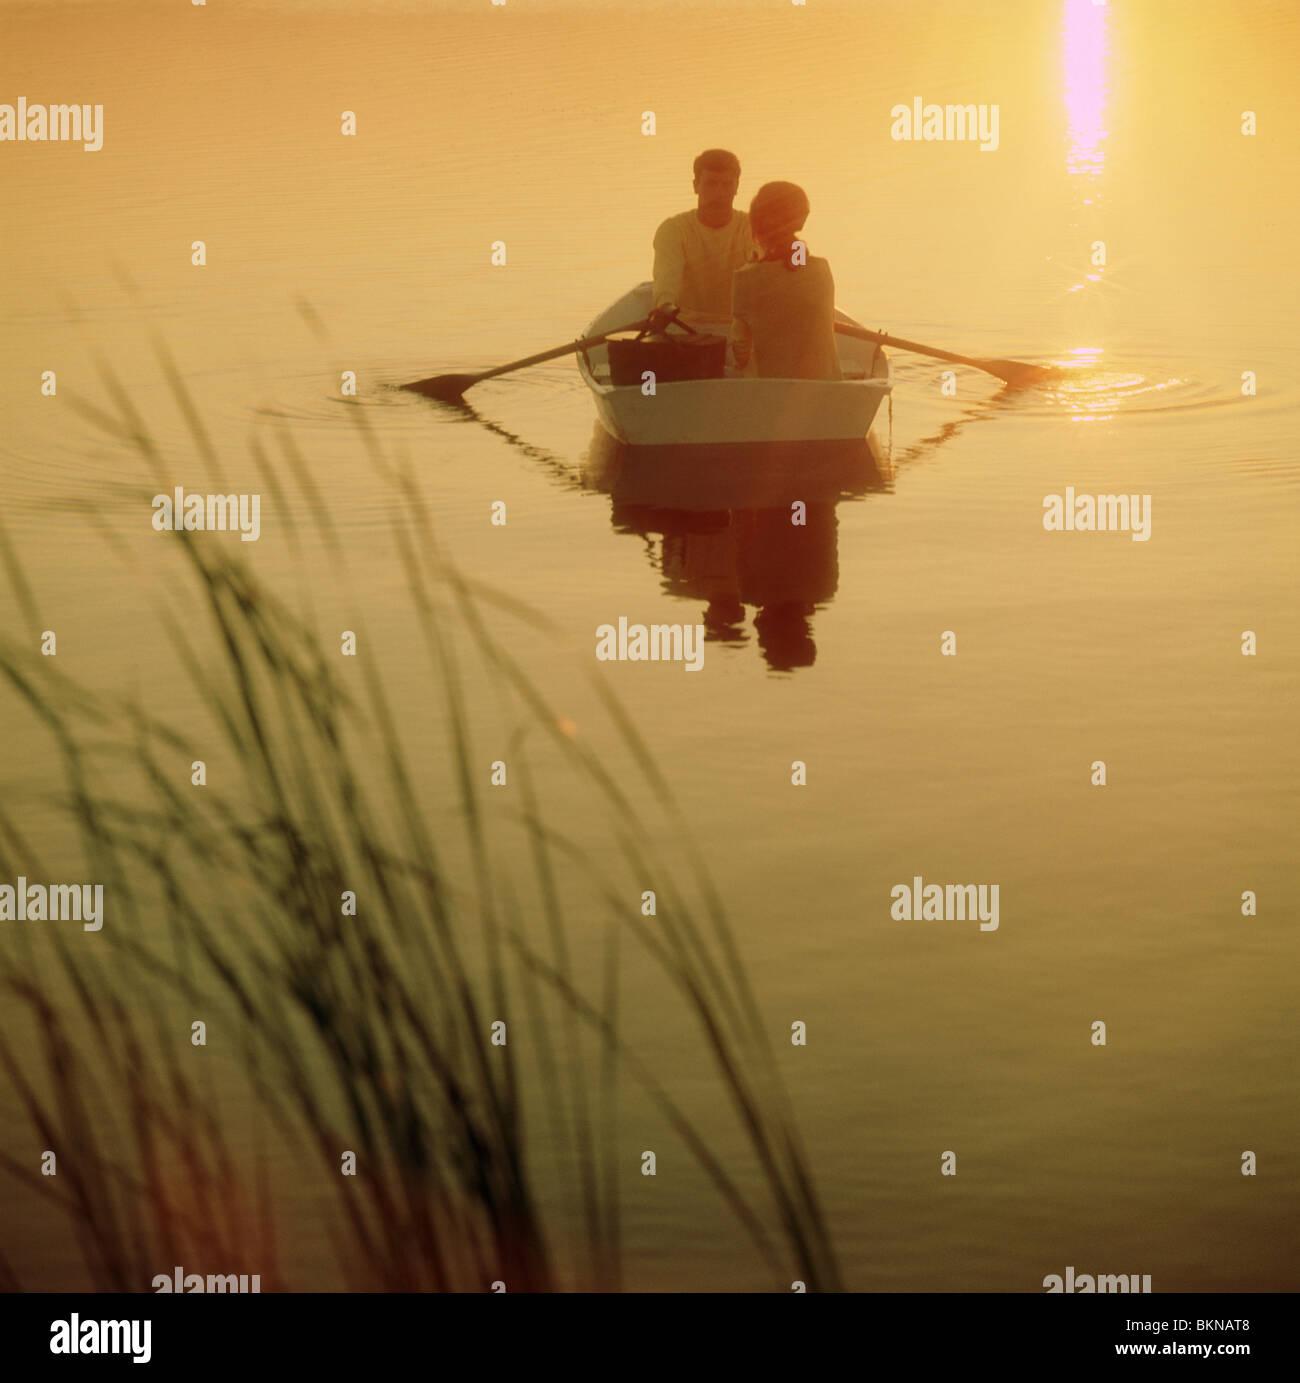 Pareja en un bote de remos durante la puesta de sol Imagen De Stock